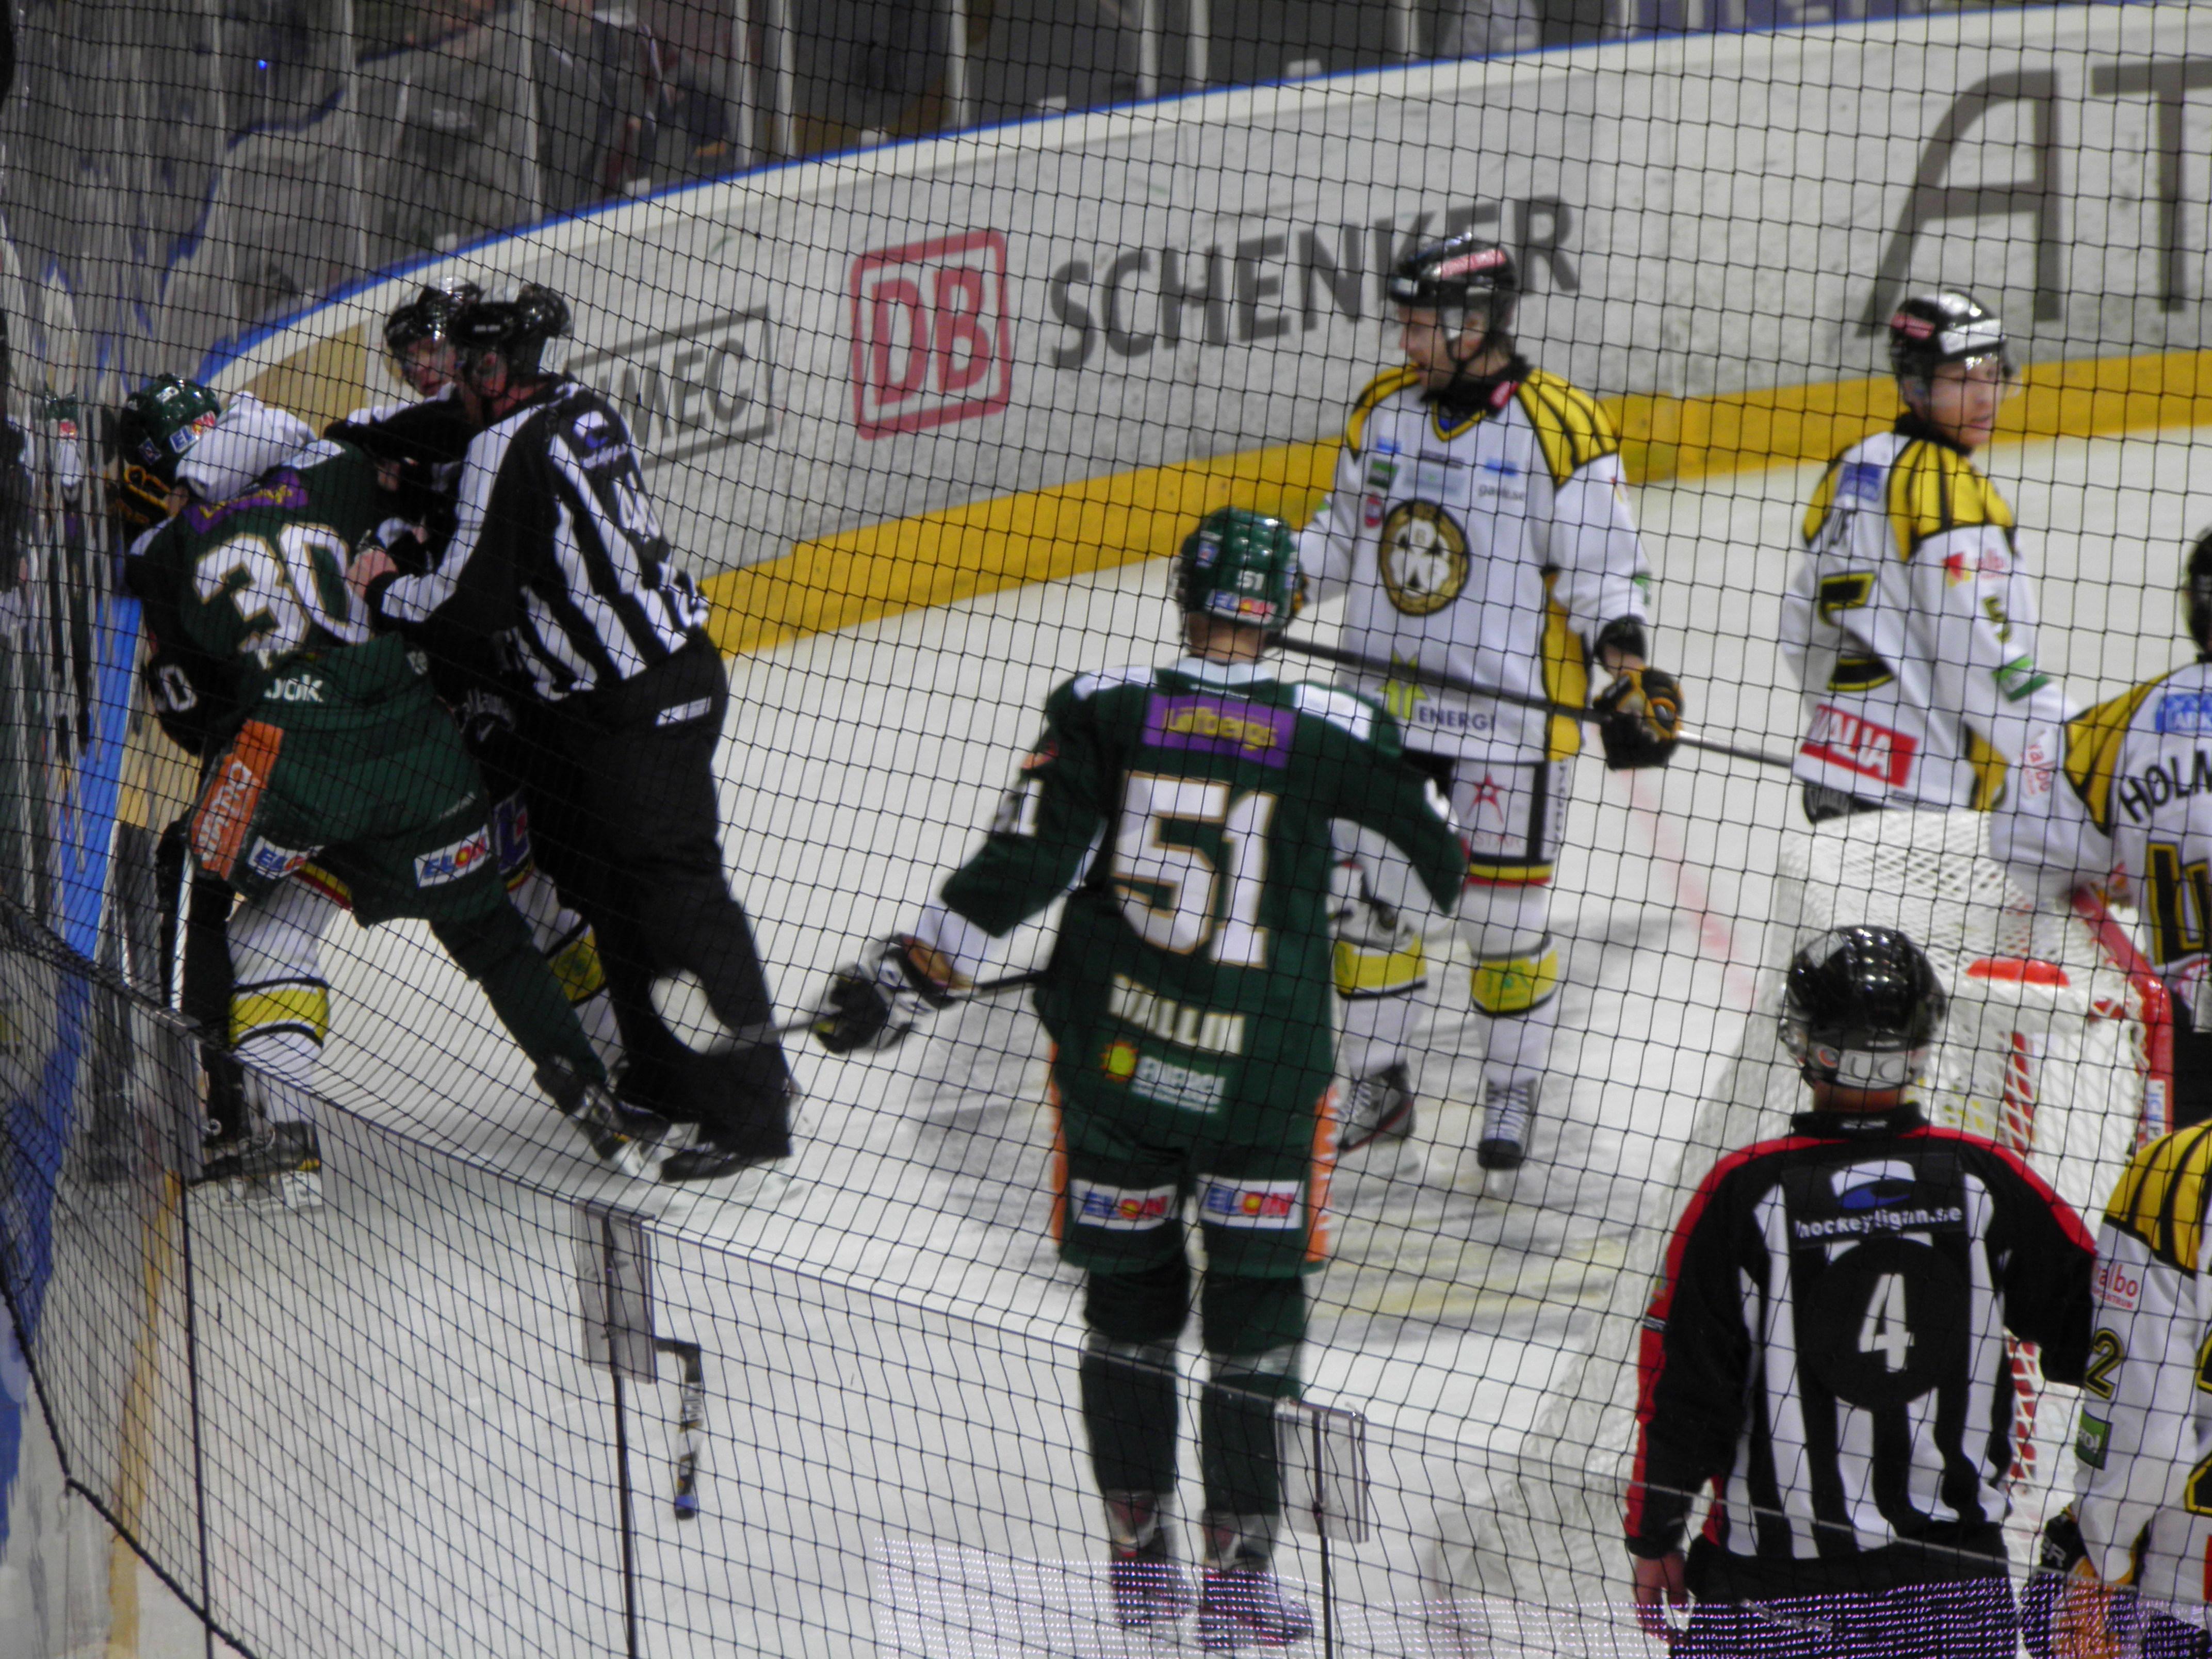 Grinigt på isen; här är det Paulsson och Hansen som rykt ihop. Foto: Marie Angle/fbkbloggen